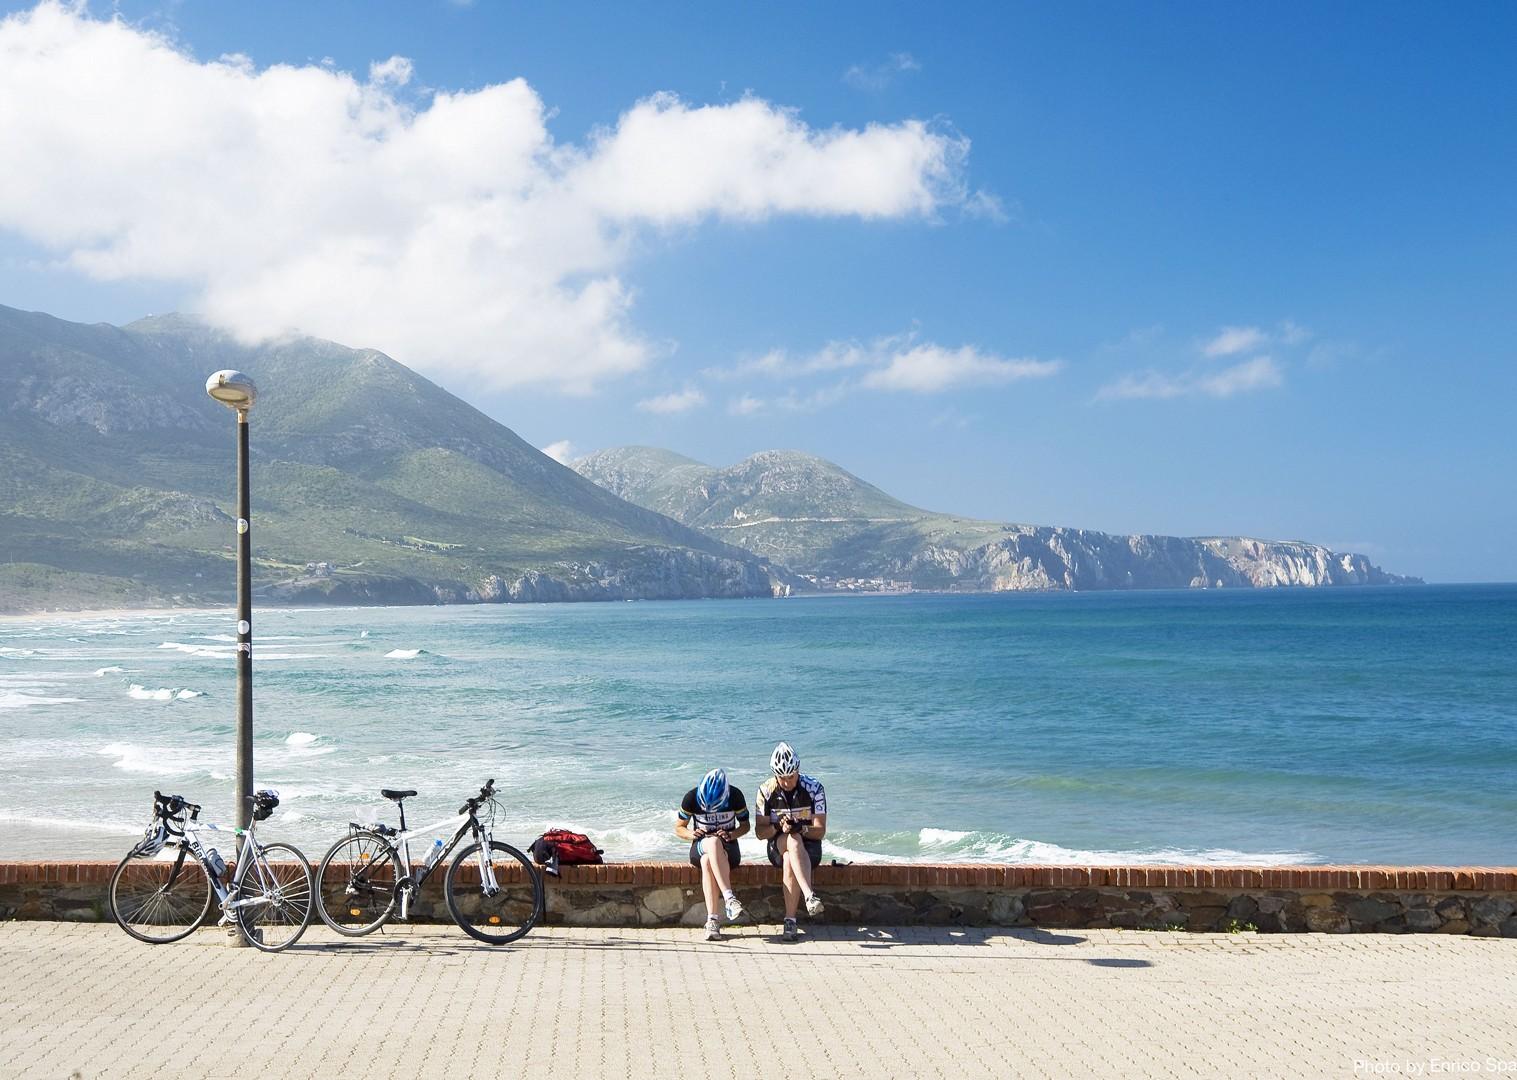 Road-Cycling-Holiday-Italy-Sardinia-Coastal-Explorer.jpg - Italy - Net Trade Rate - Coastal TranSardinia - Self-Guided Road Cycling Holiday - Italia Road Cycling